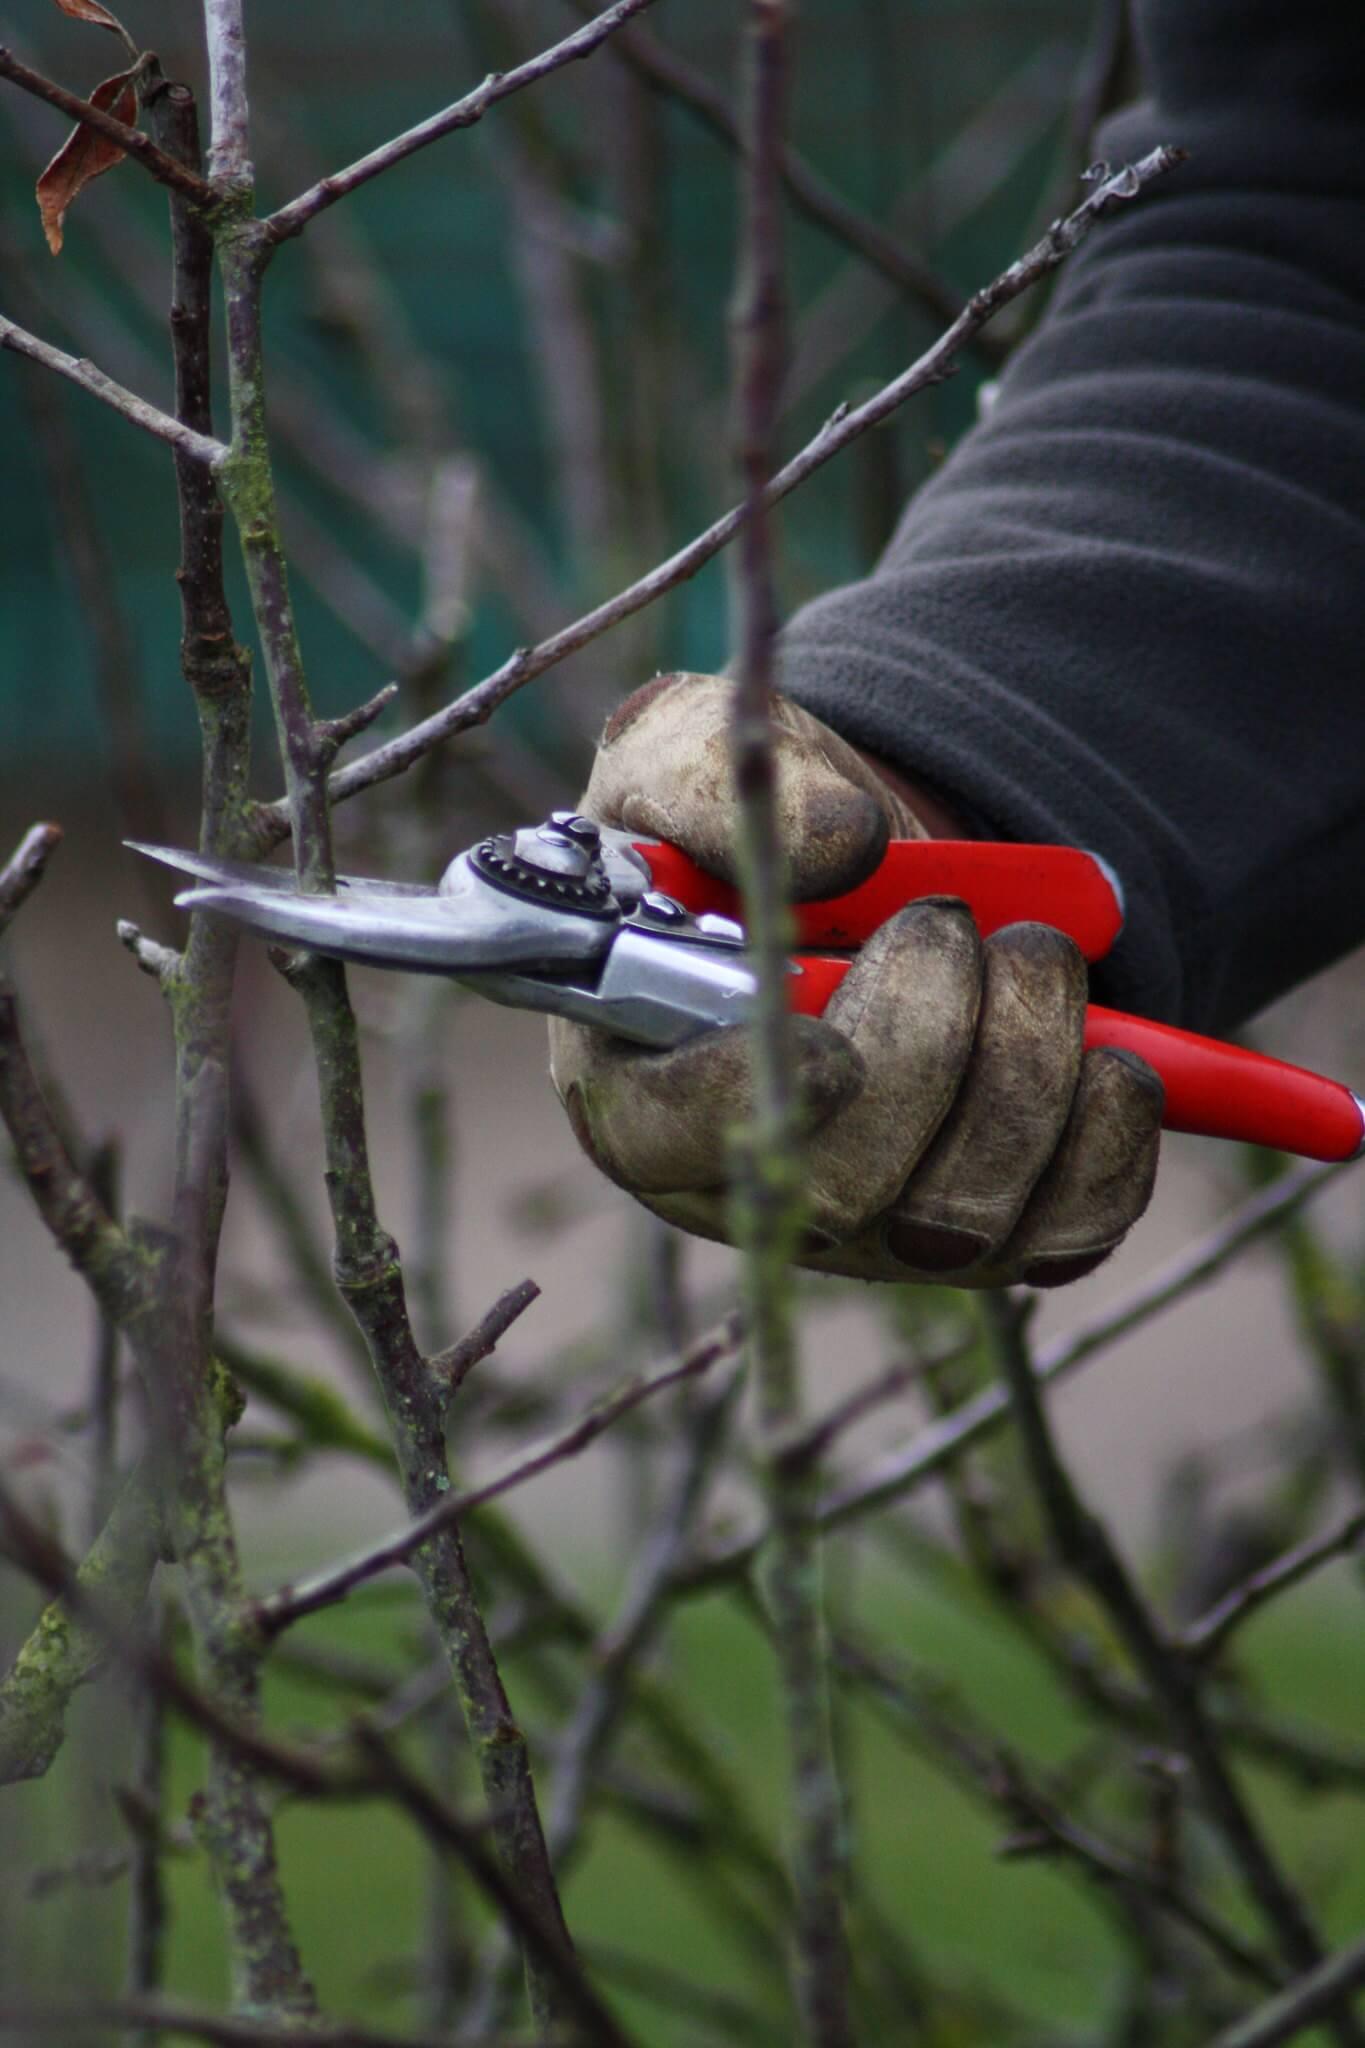 Õunapuude lõikamine on lihtne, kui teada mõnd olulist põhimõtet